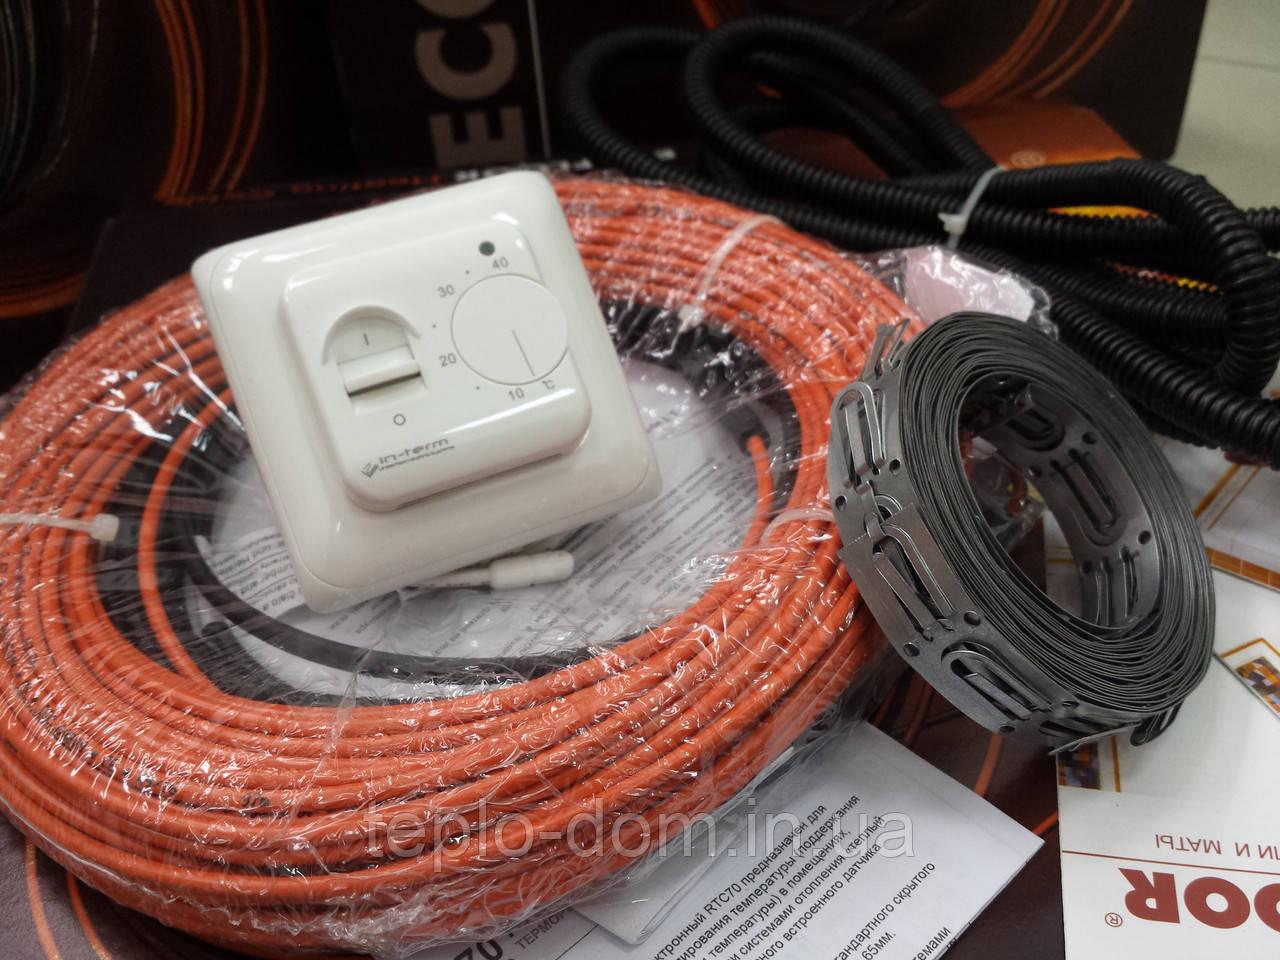 Кабель нагревательный Fenix (Чехия) для коридора, 5,8 м.кв. (Акционная цена с регулятором)